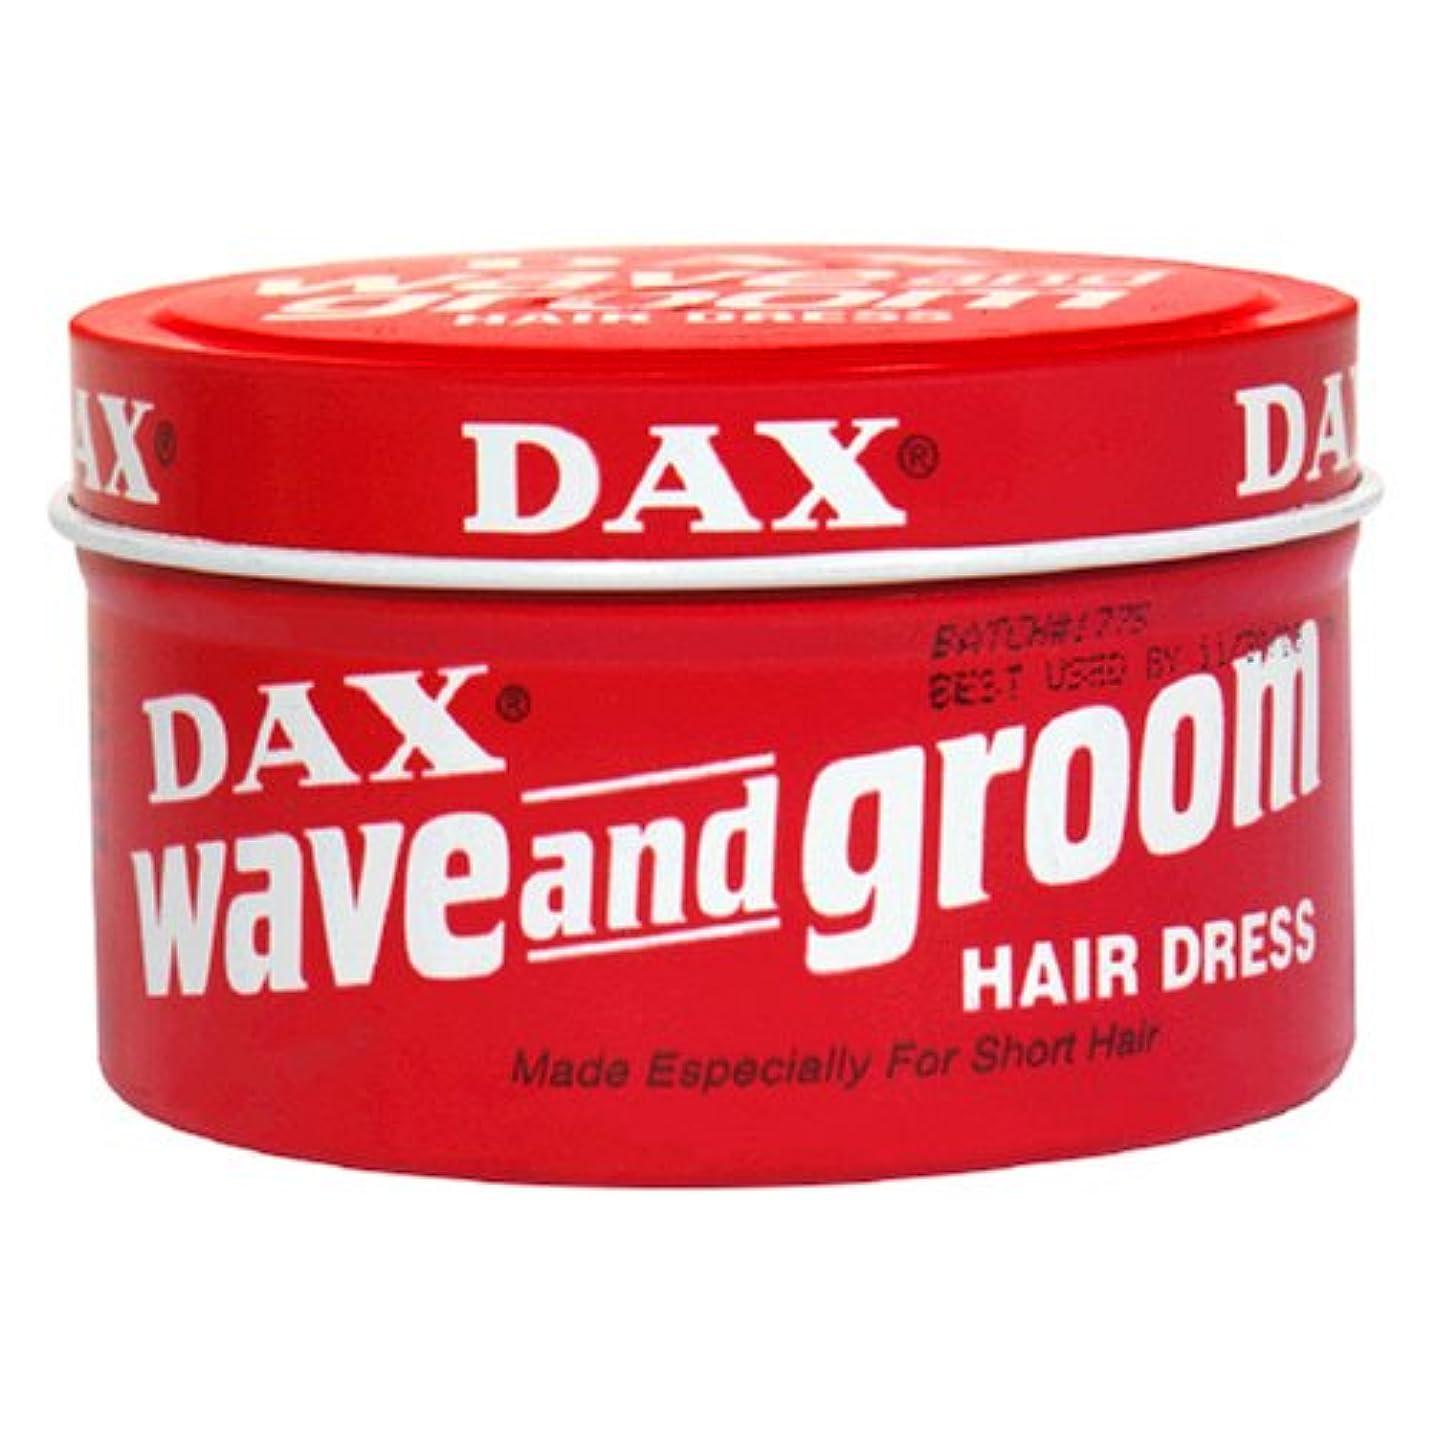 一杯咲く独立したDax Wave & Groom Hair Dress 99 gm Jar (Case of 6) (並行輸入品)